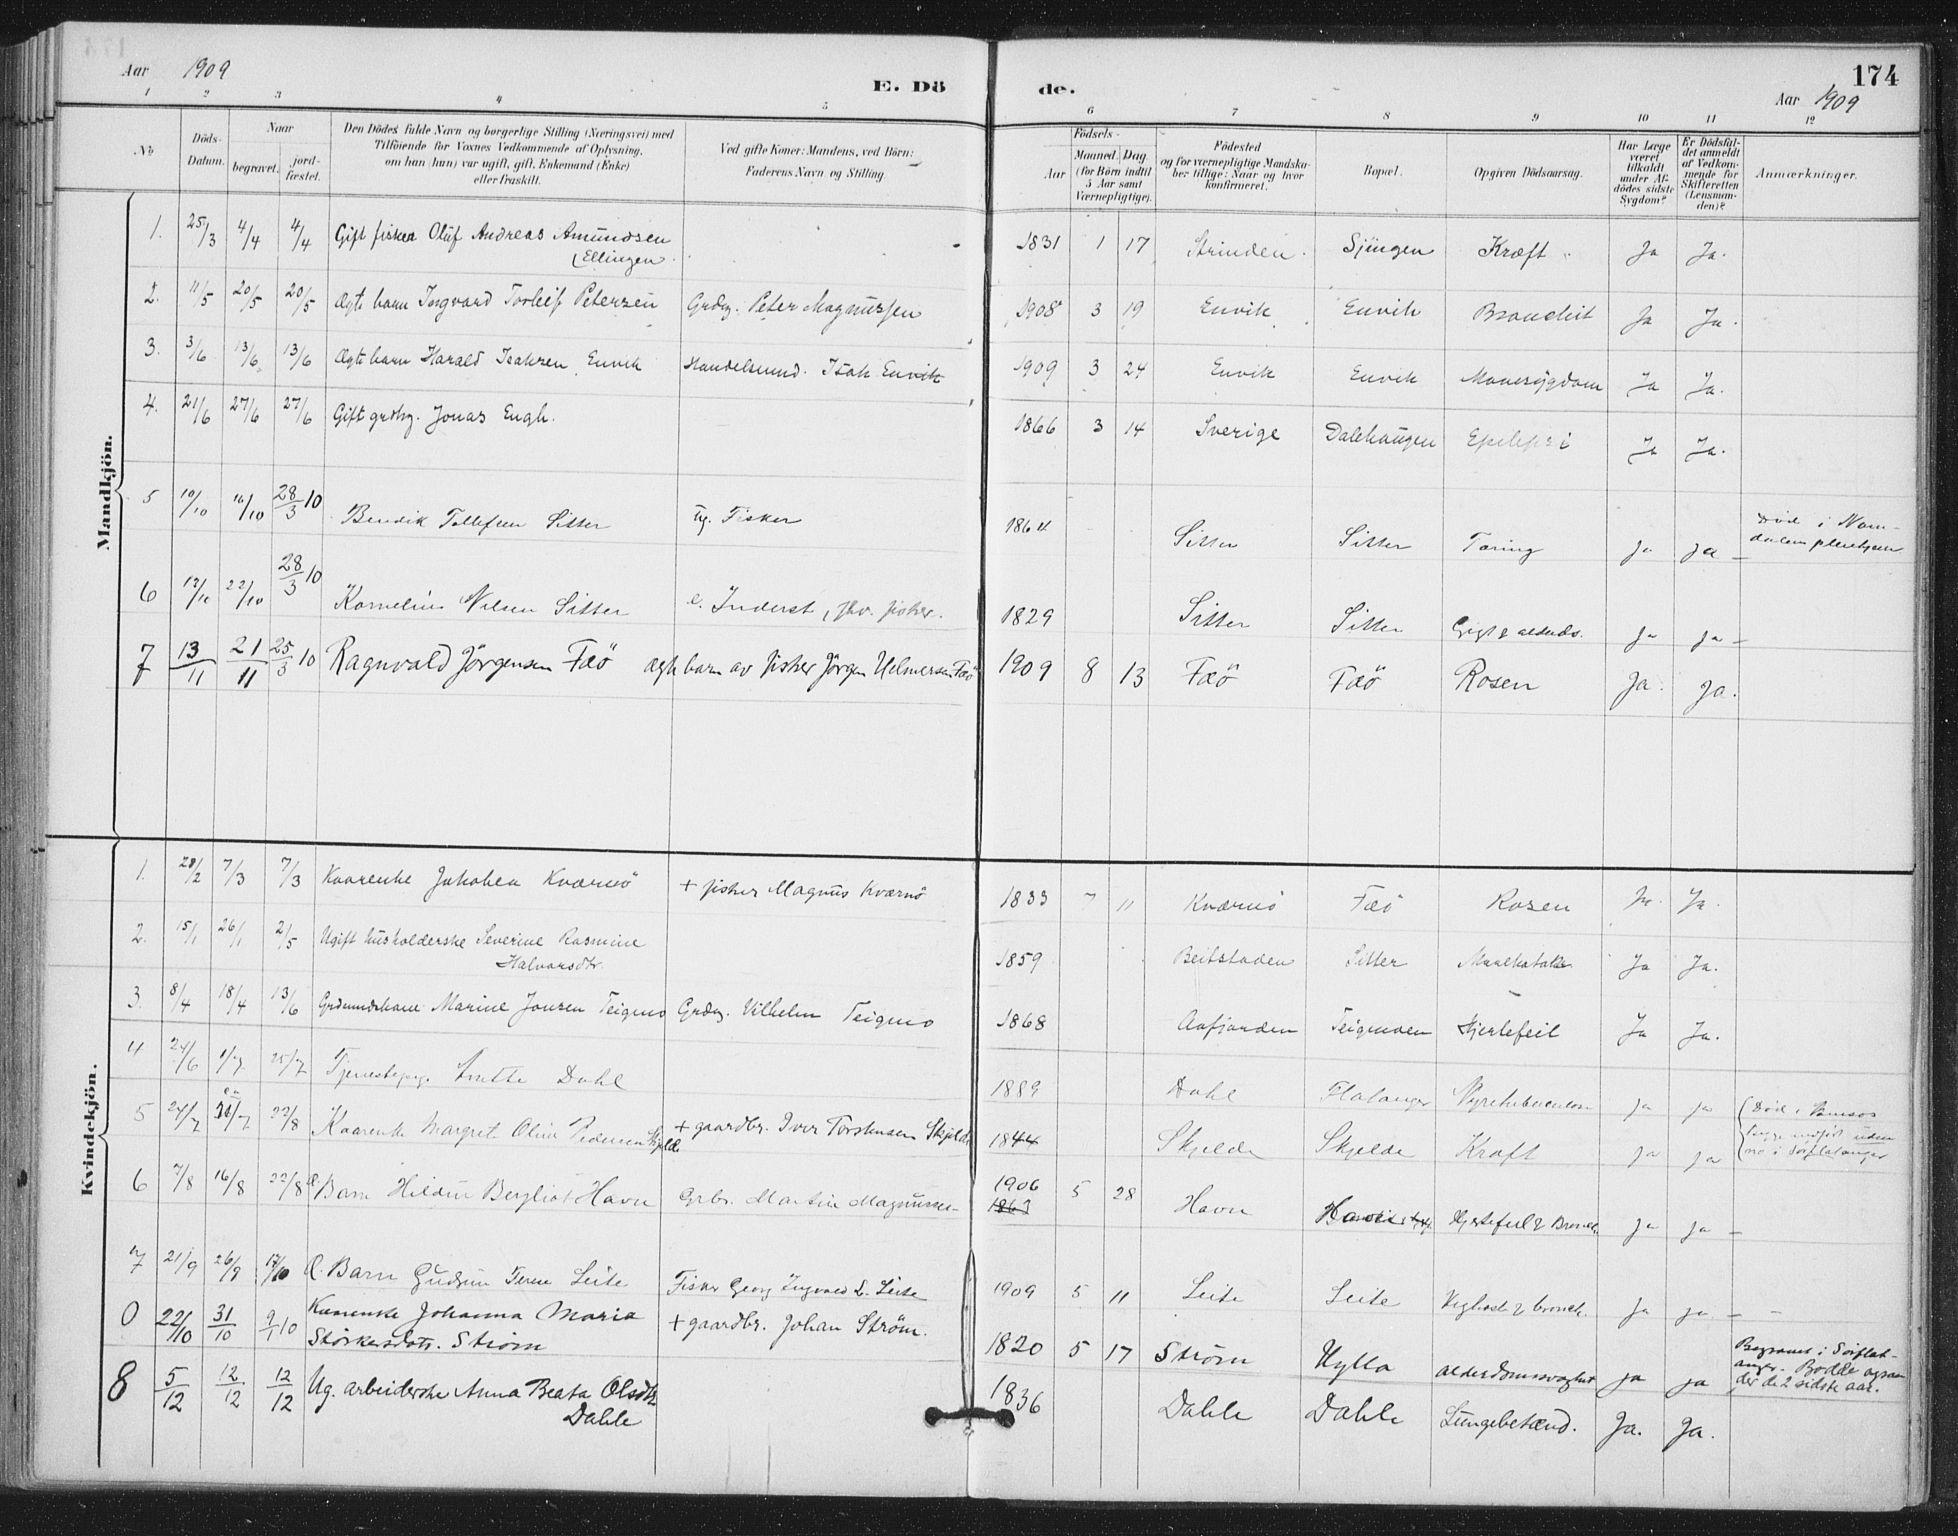 SAT, Ministerialprotokoller, klokkerbøker og fødselsregistre - Nord-Trøndelag, 772/L0603: Ministerialbok nr. 772A01, 1885-1912, s. 174